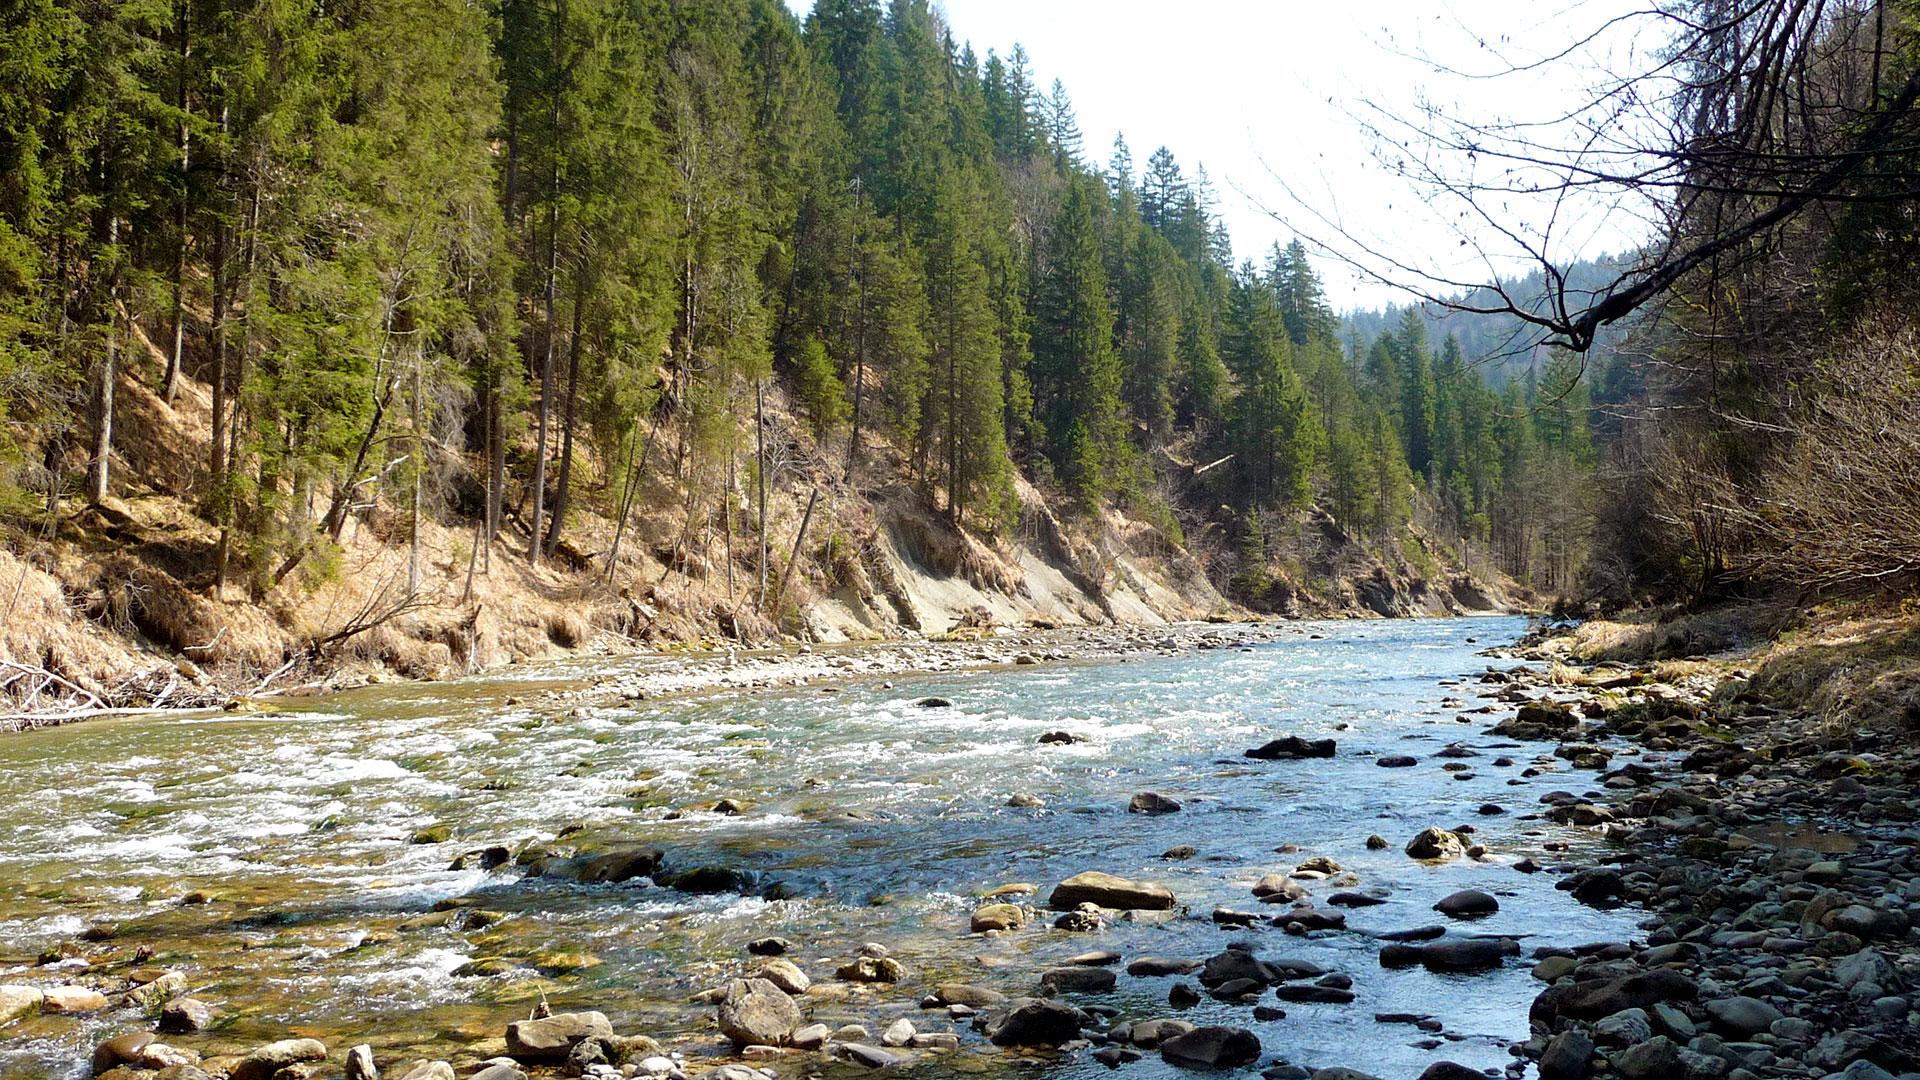 Wildfluss in steilen Schluchten: Die wertvolle Natur, die der WWF in Deutschland schützt, ist natürlich auch sehenswert als Ausflugstipp und Reiseziel.